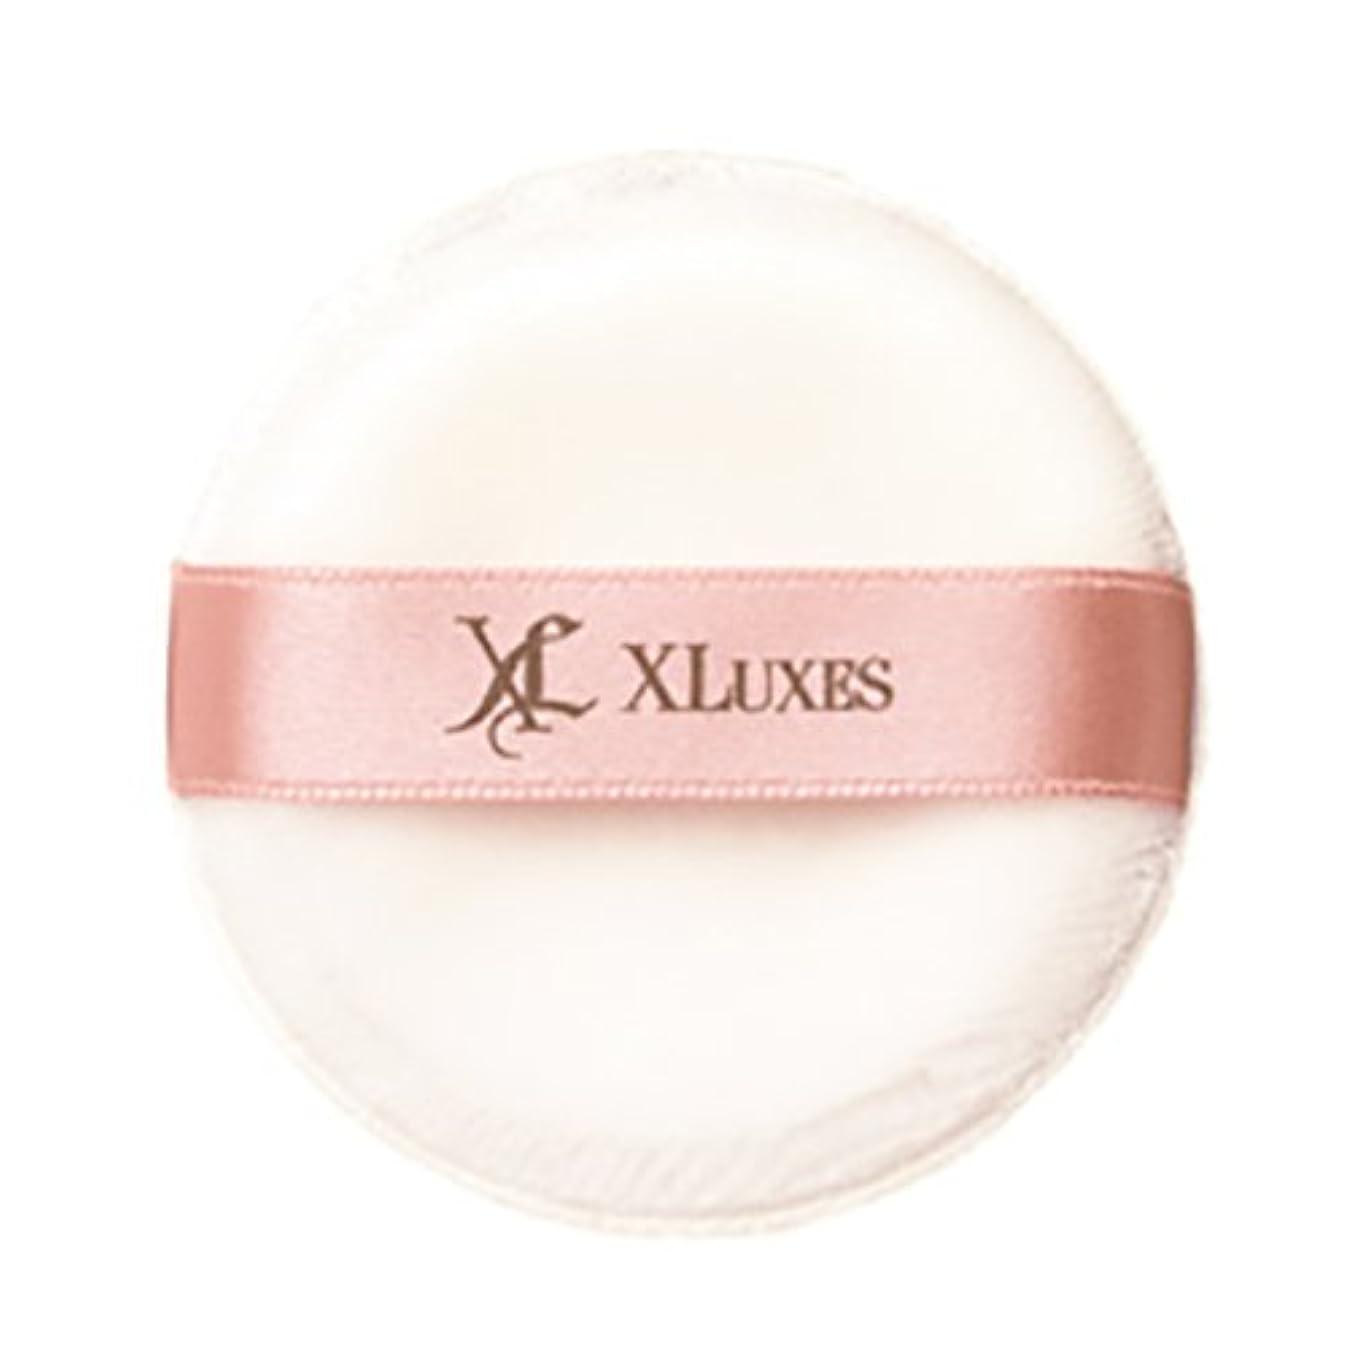 修復雑品接続XLUXES フェイスパウダー専用パフ (きめ細やかで柔らかい感触) プロケアビヨンド 1個入